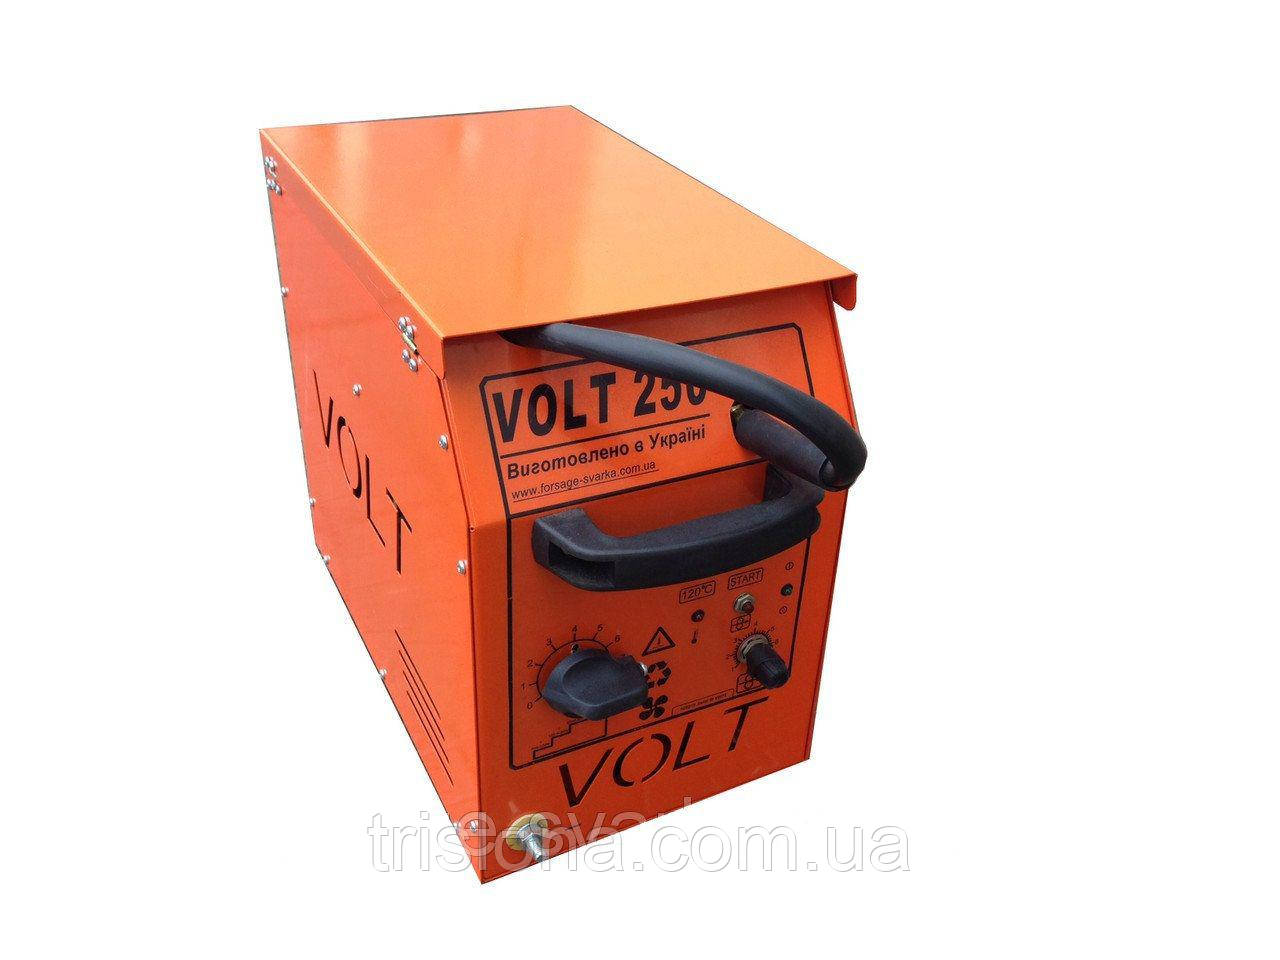 Сварочный полуавтомат «VOLT 250» Forsage